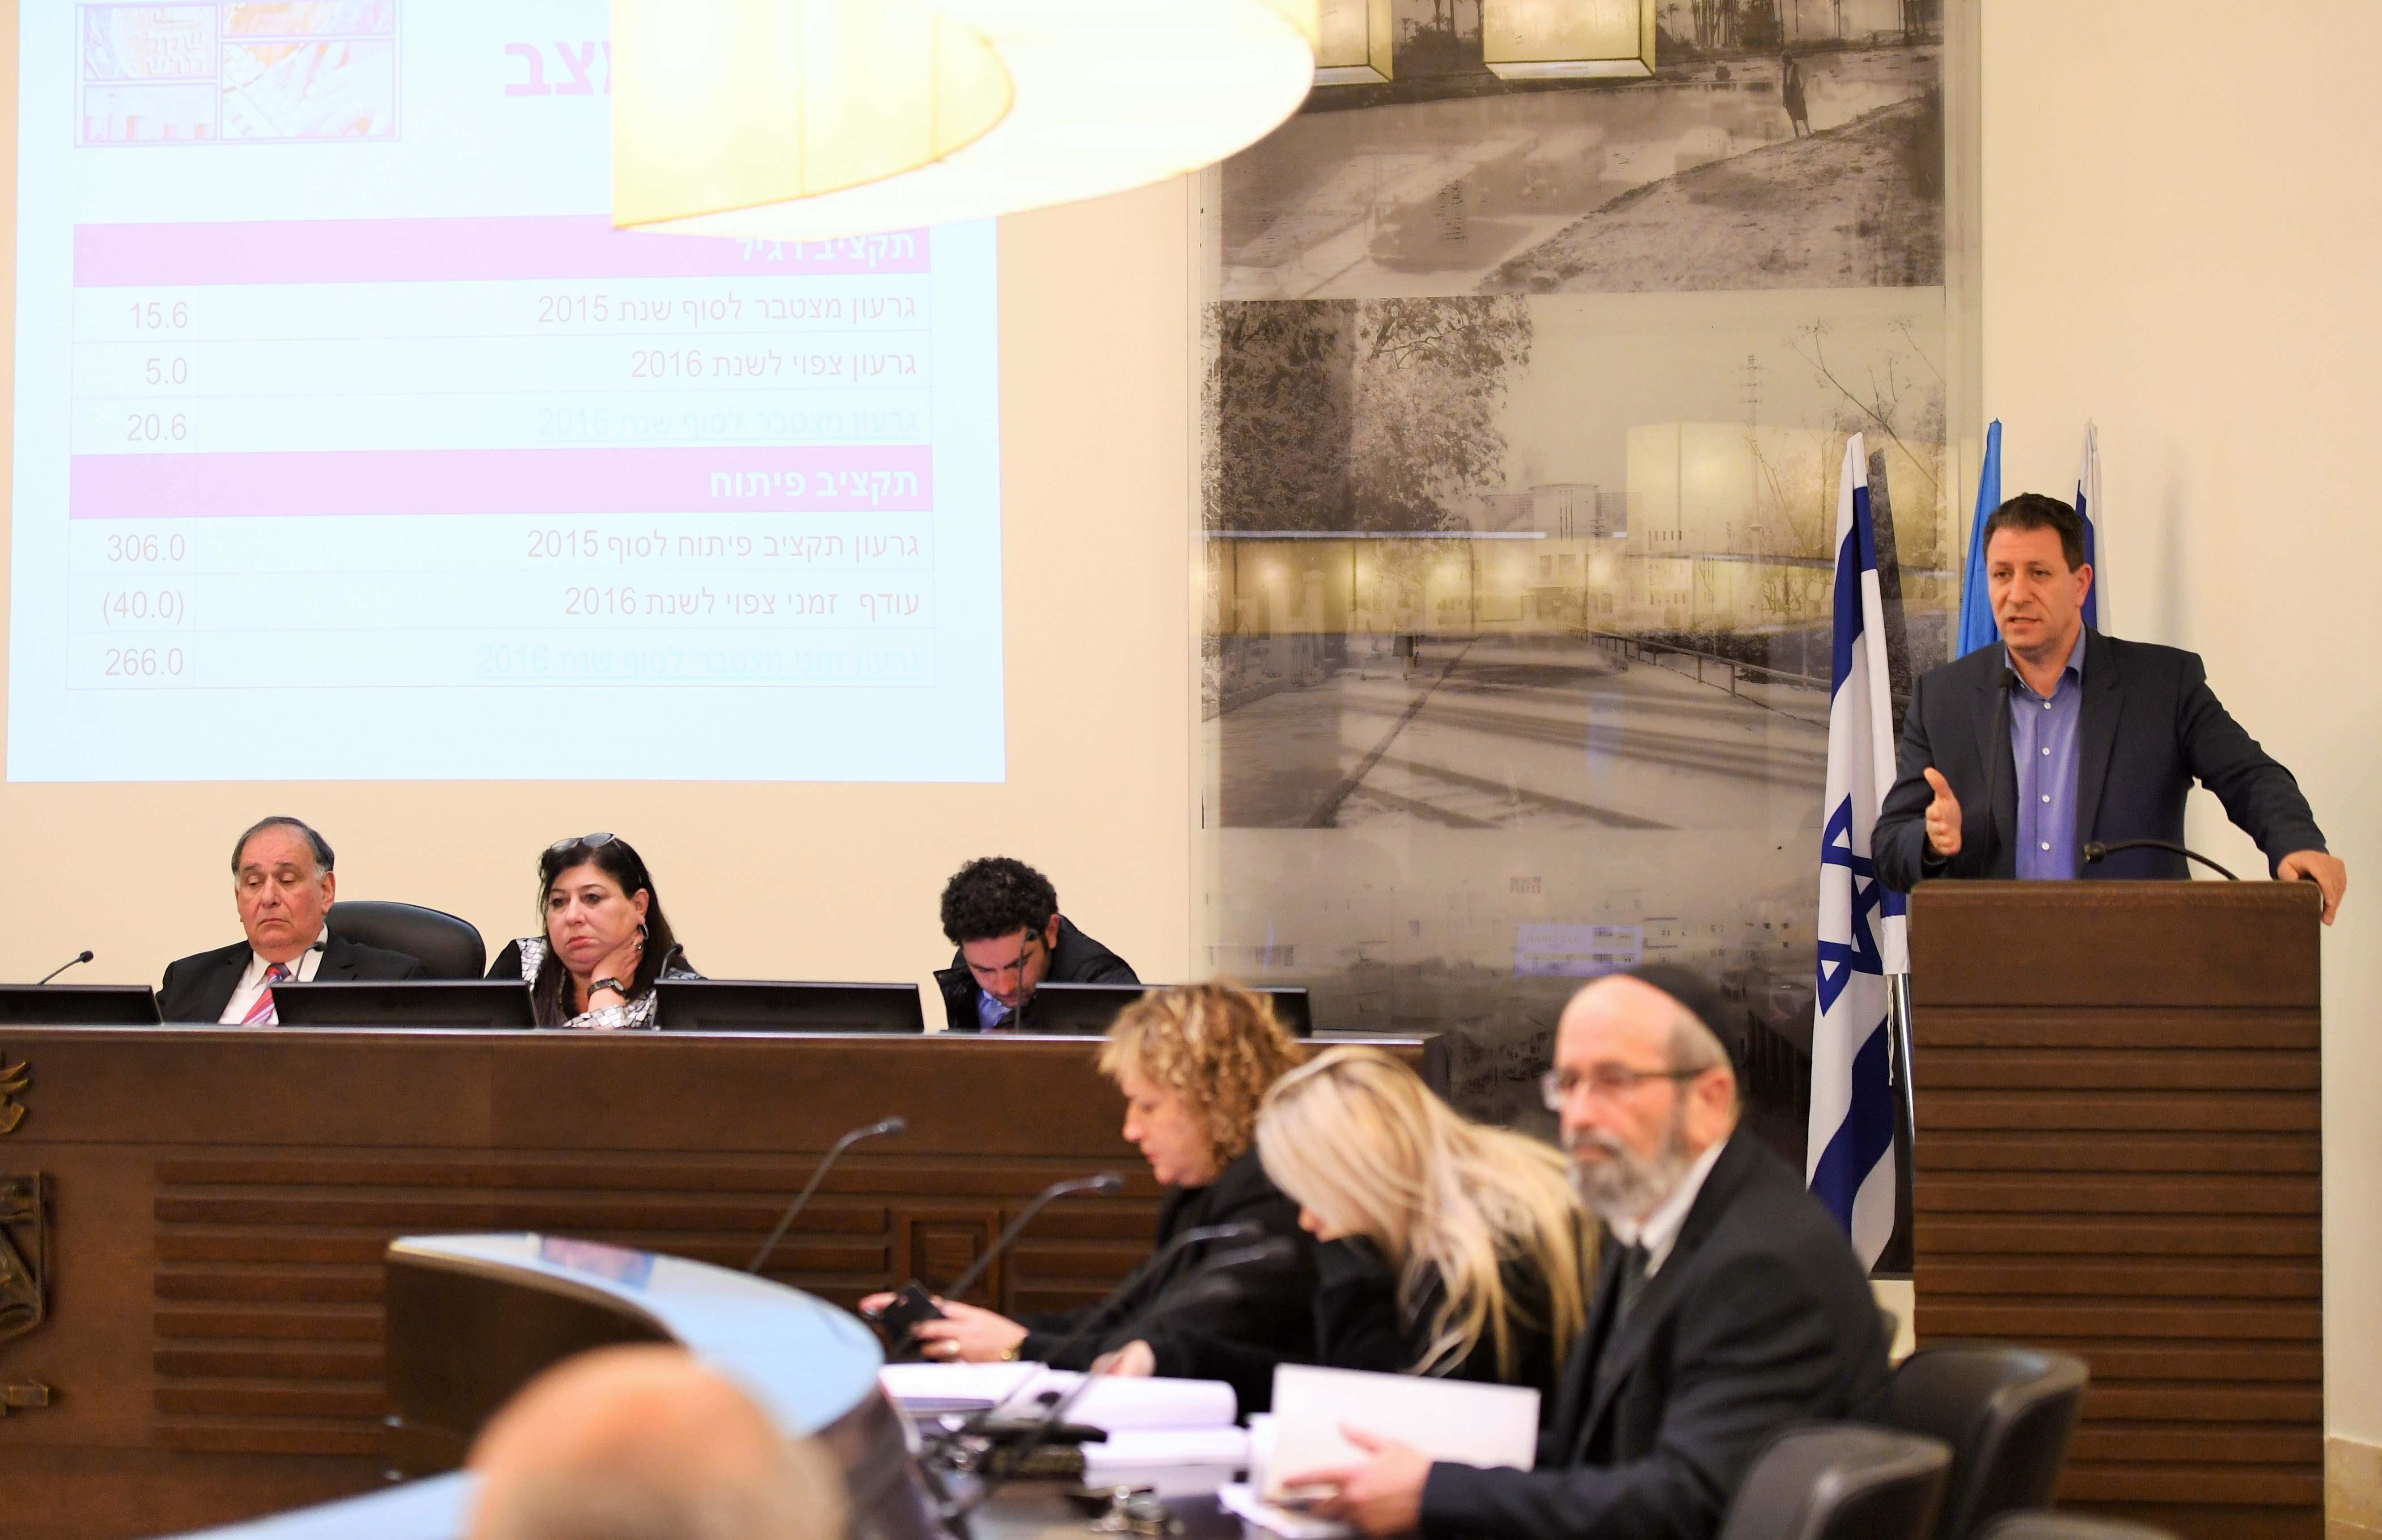 Муниципальный бюджет Хайфы на 2017 год составит 3,571 млрд шекелей